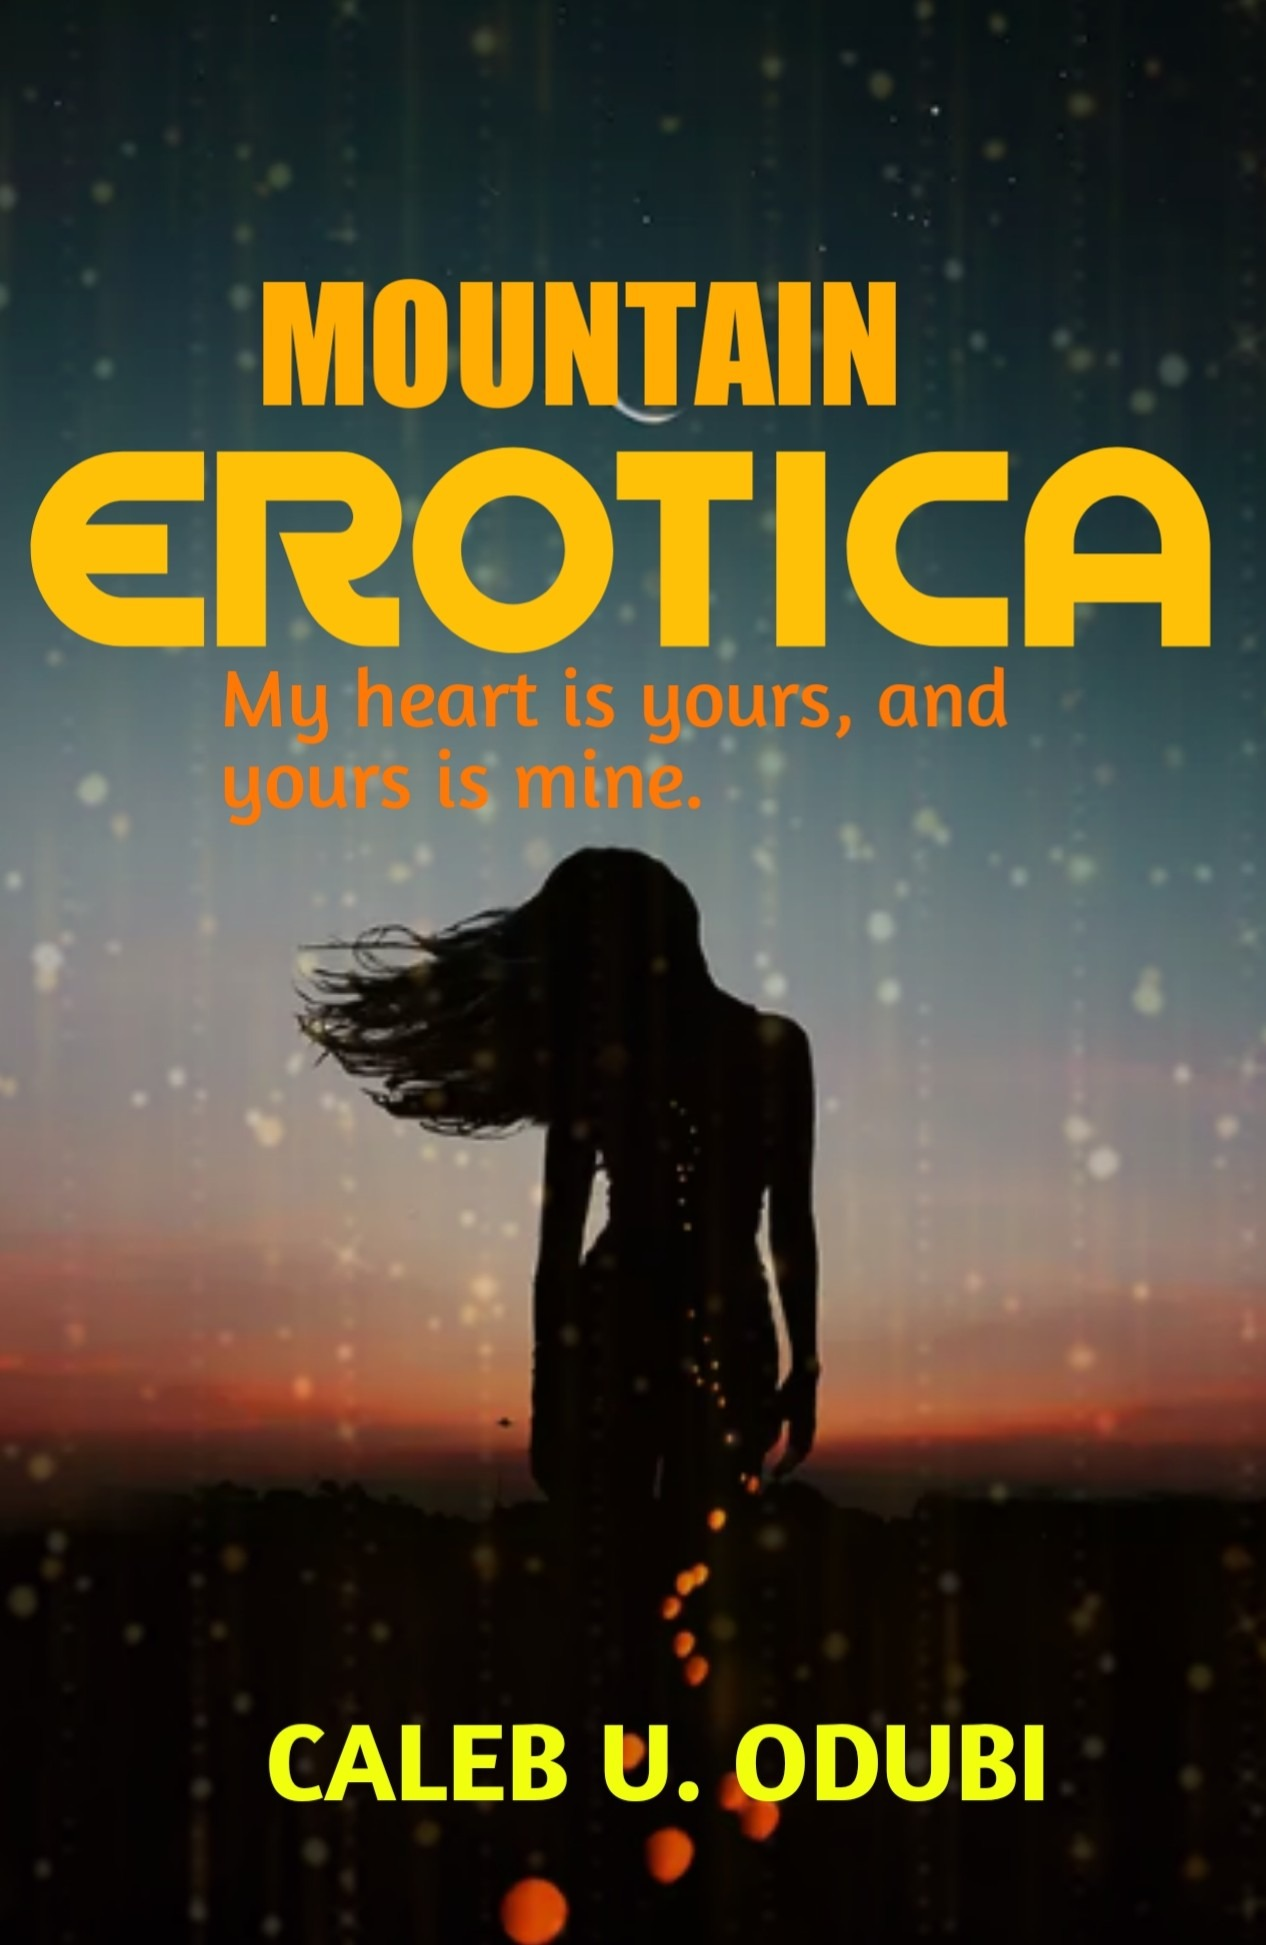 Mountain Erotica